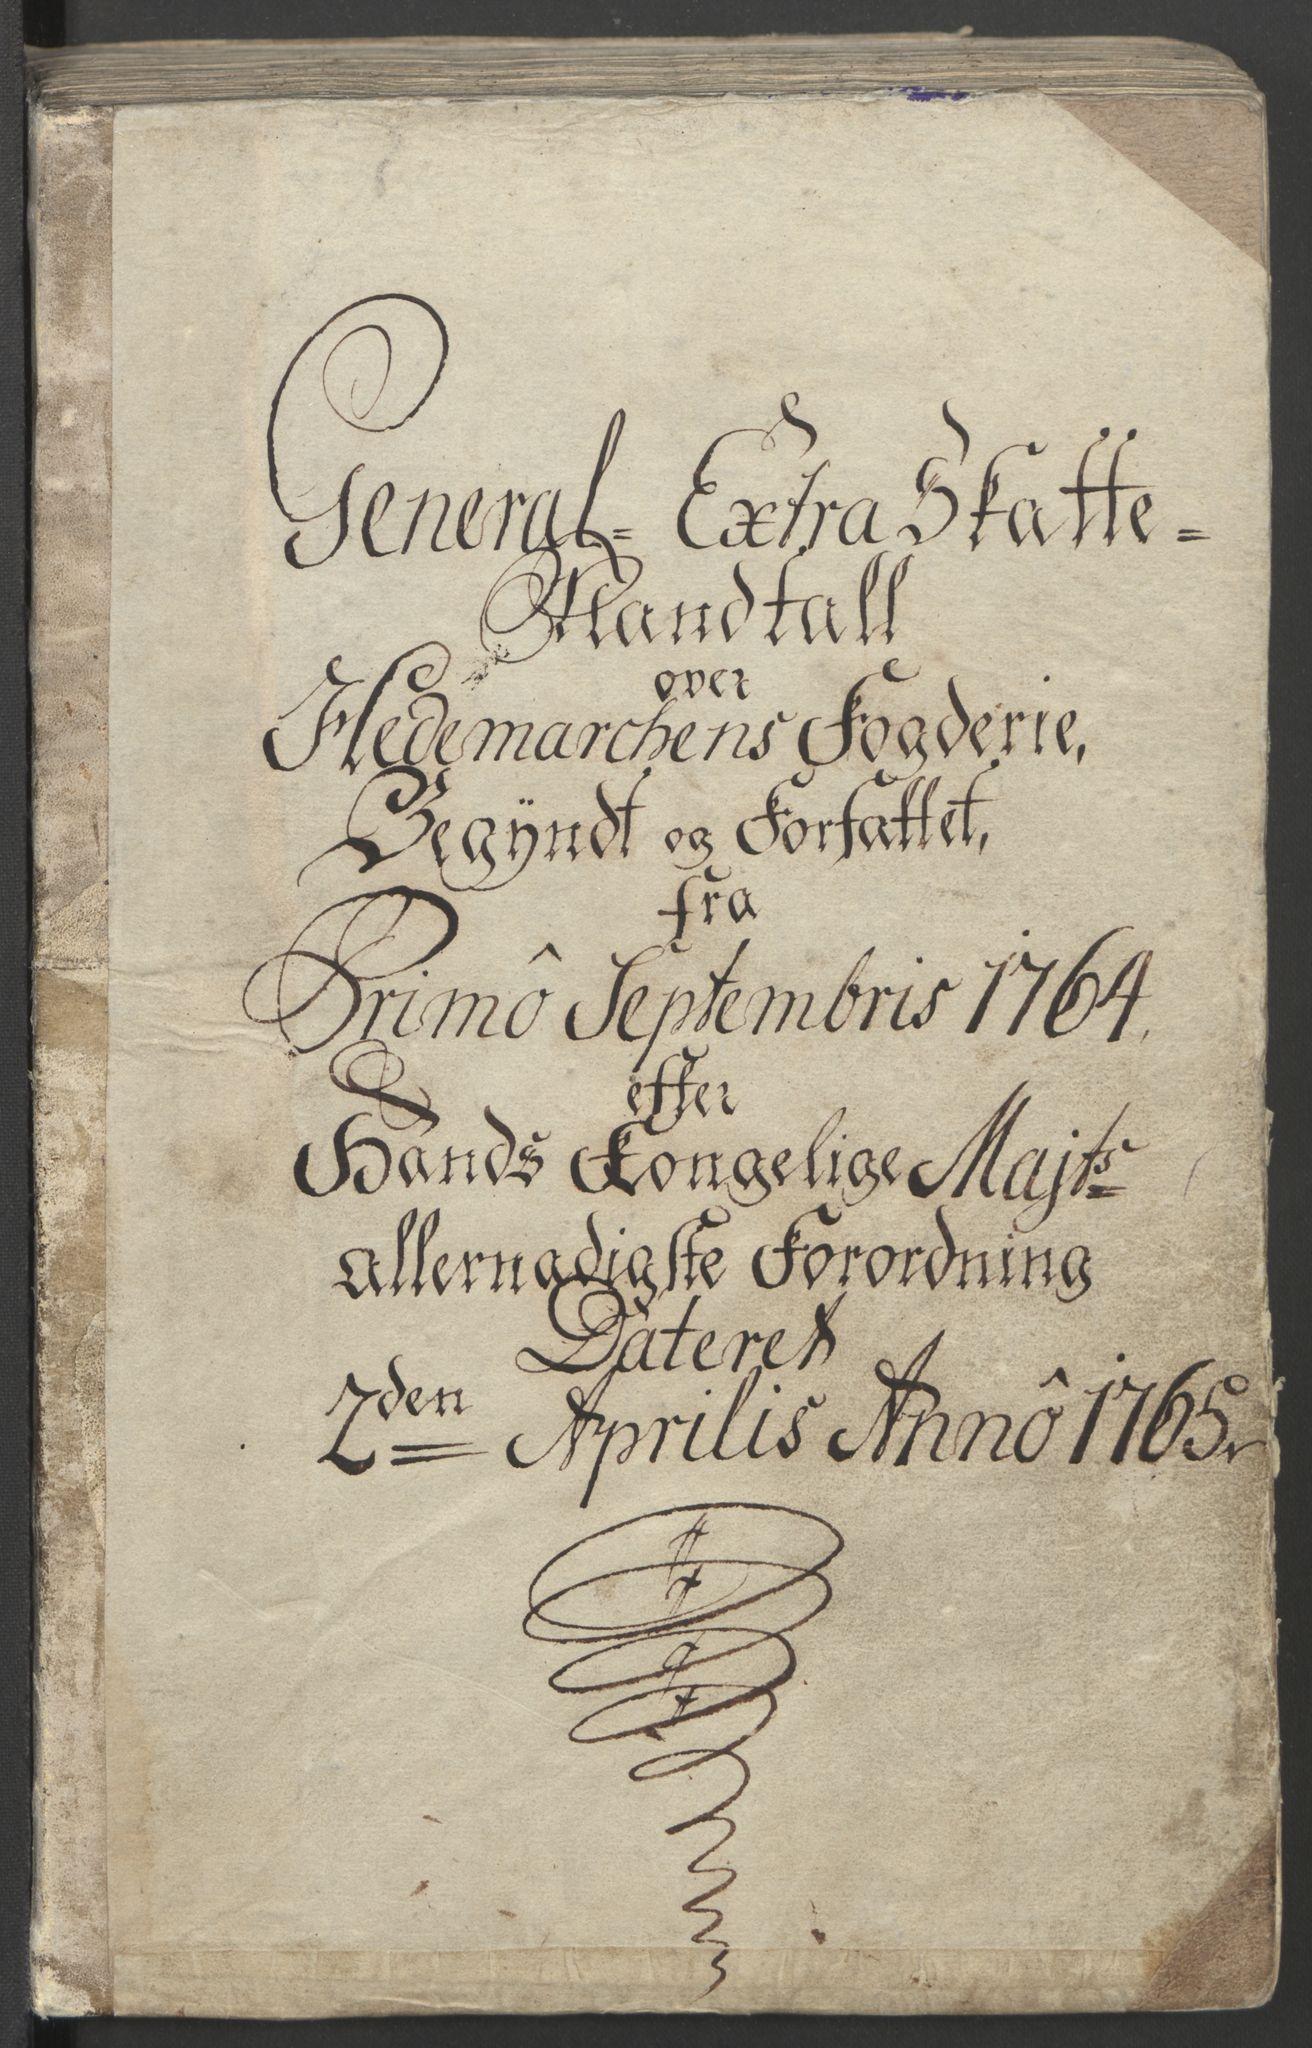 RA, Rentekammeret inntil 1814, Reviderte regnskaper, Fogderegnskap, R16/L1148: Ekstraskatten Hedmark, 1764, s. 3